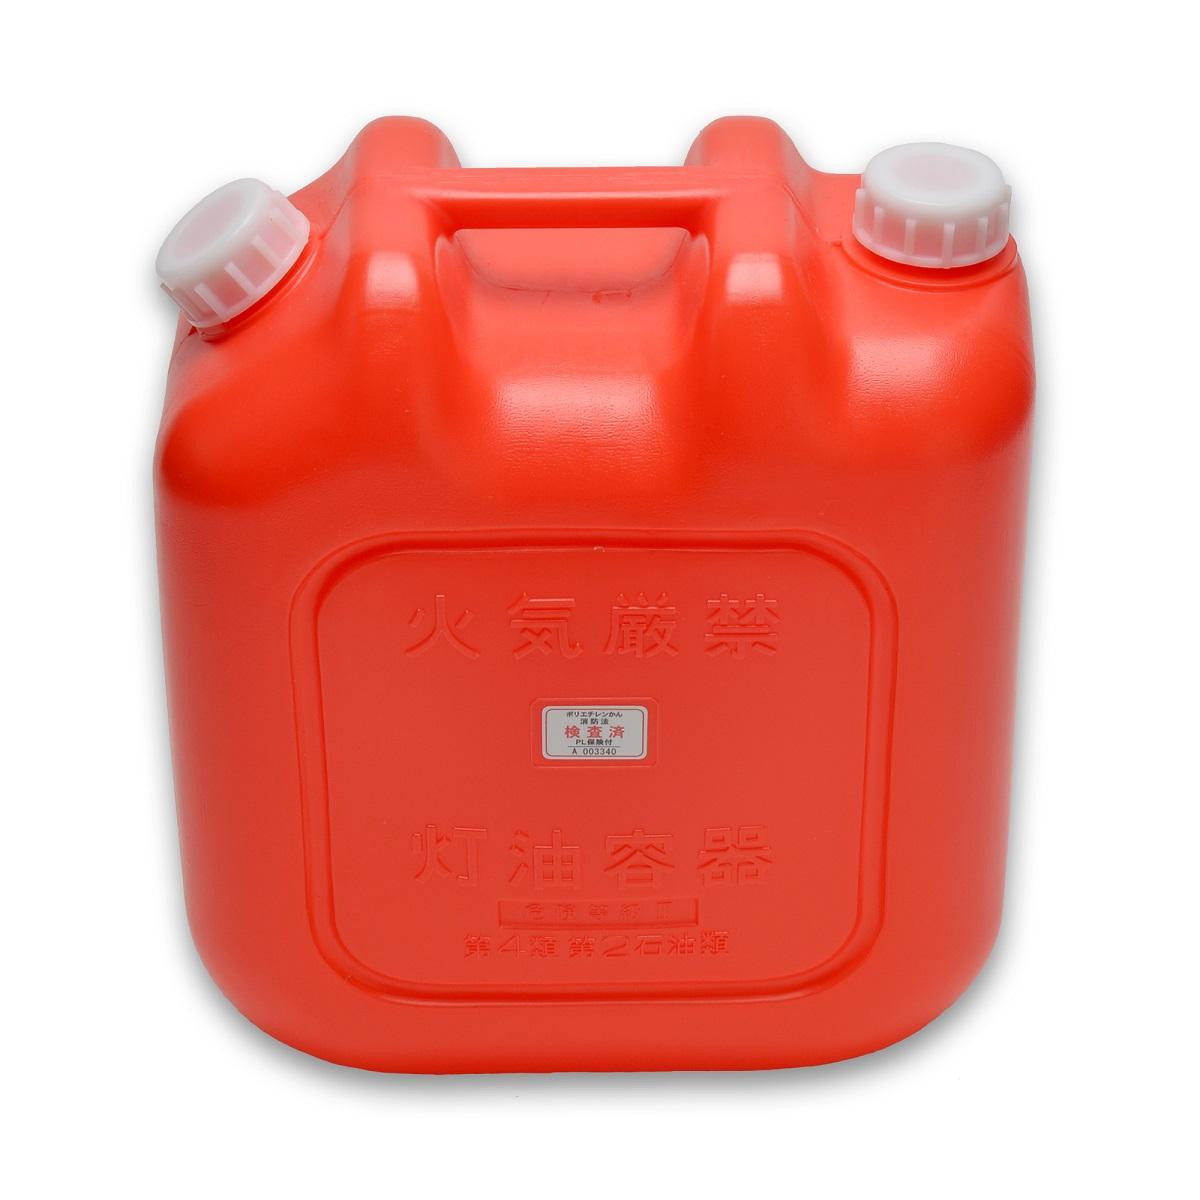 消防法の検査に適合した灯油缶です 1~4個まで1個口です 4個以上ご購入の場合は5個セット 10個セットをご用意しております 送料無料 18L 灯油缶 赤 安全 ポリ容器 消防法適合品 灯油タンク ポリタンク 海外並行輸入正規品 ポリ缶